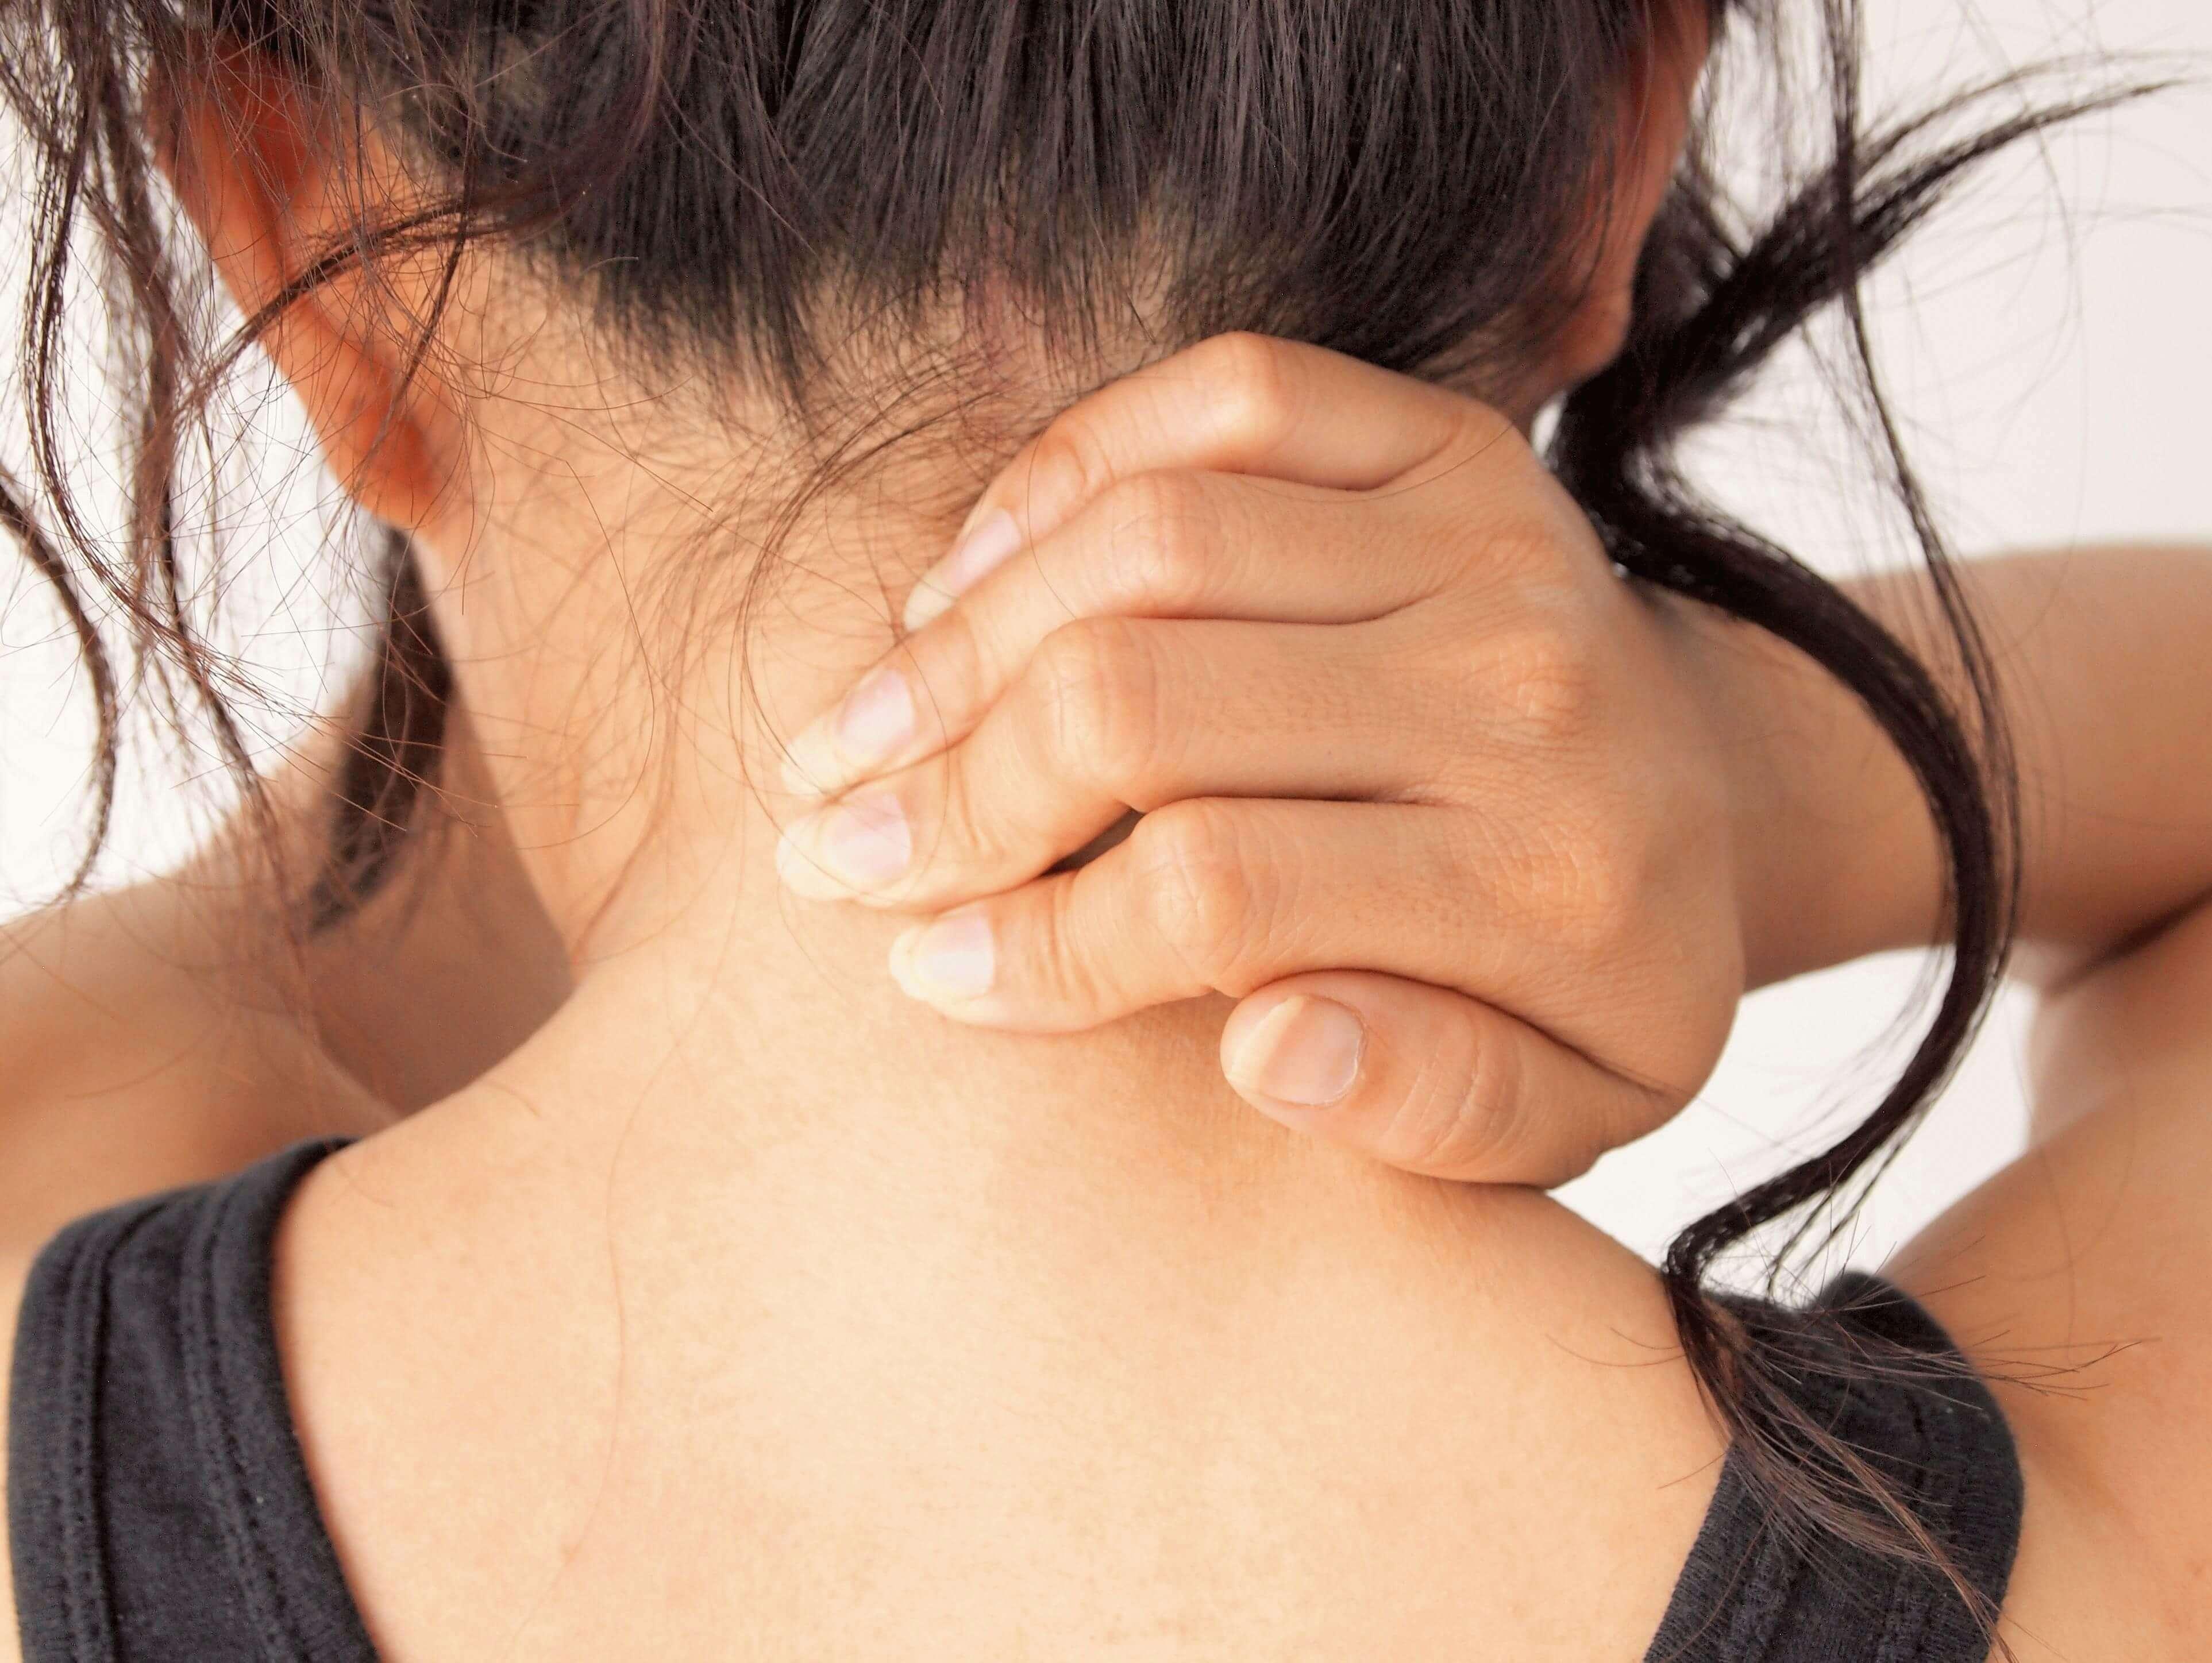 шейная мигрень у женщины